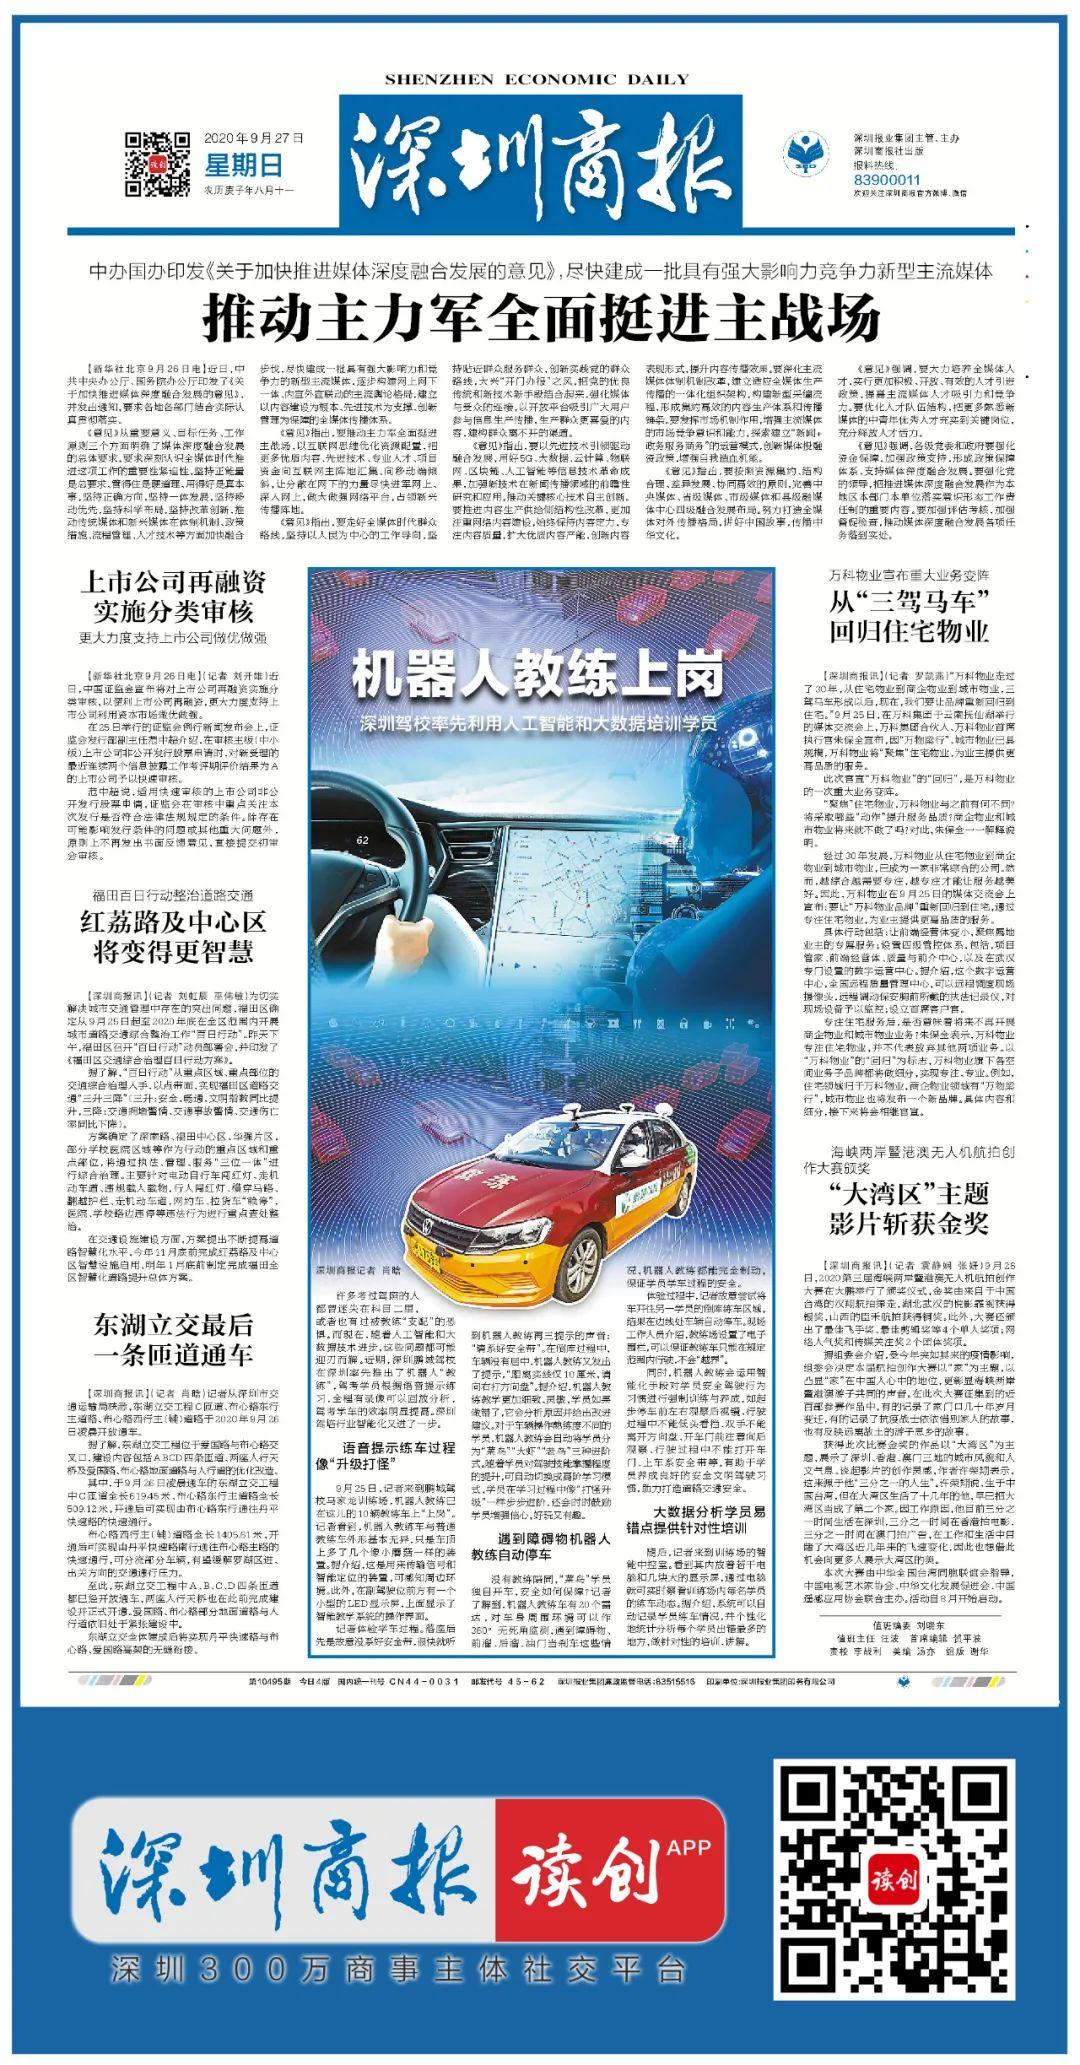 商报午餐|深圳驾校率先利用人工智能和大数据培训学员